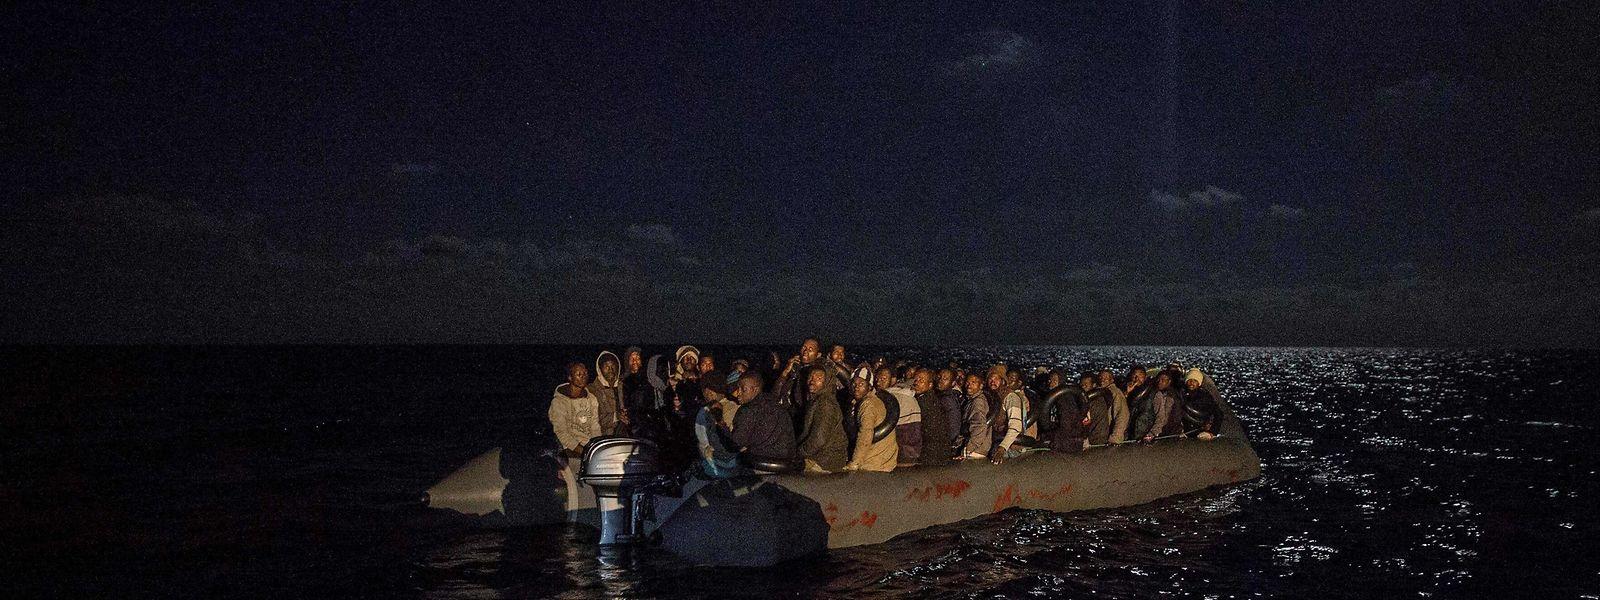 Die Migranten waren mit diesem Boot unterwegs, bevor sie gerettet wurden.